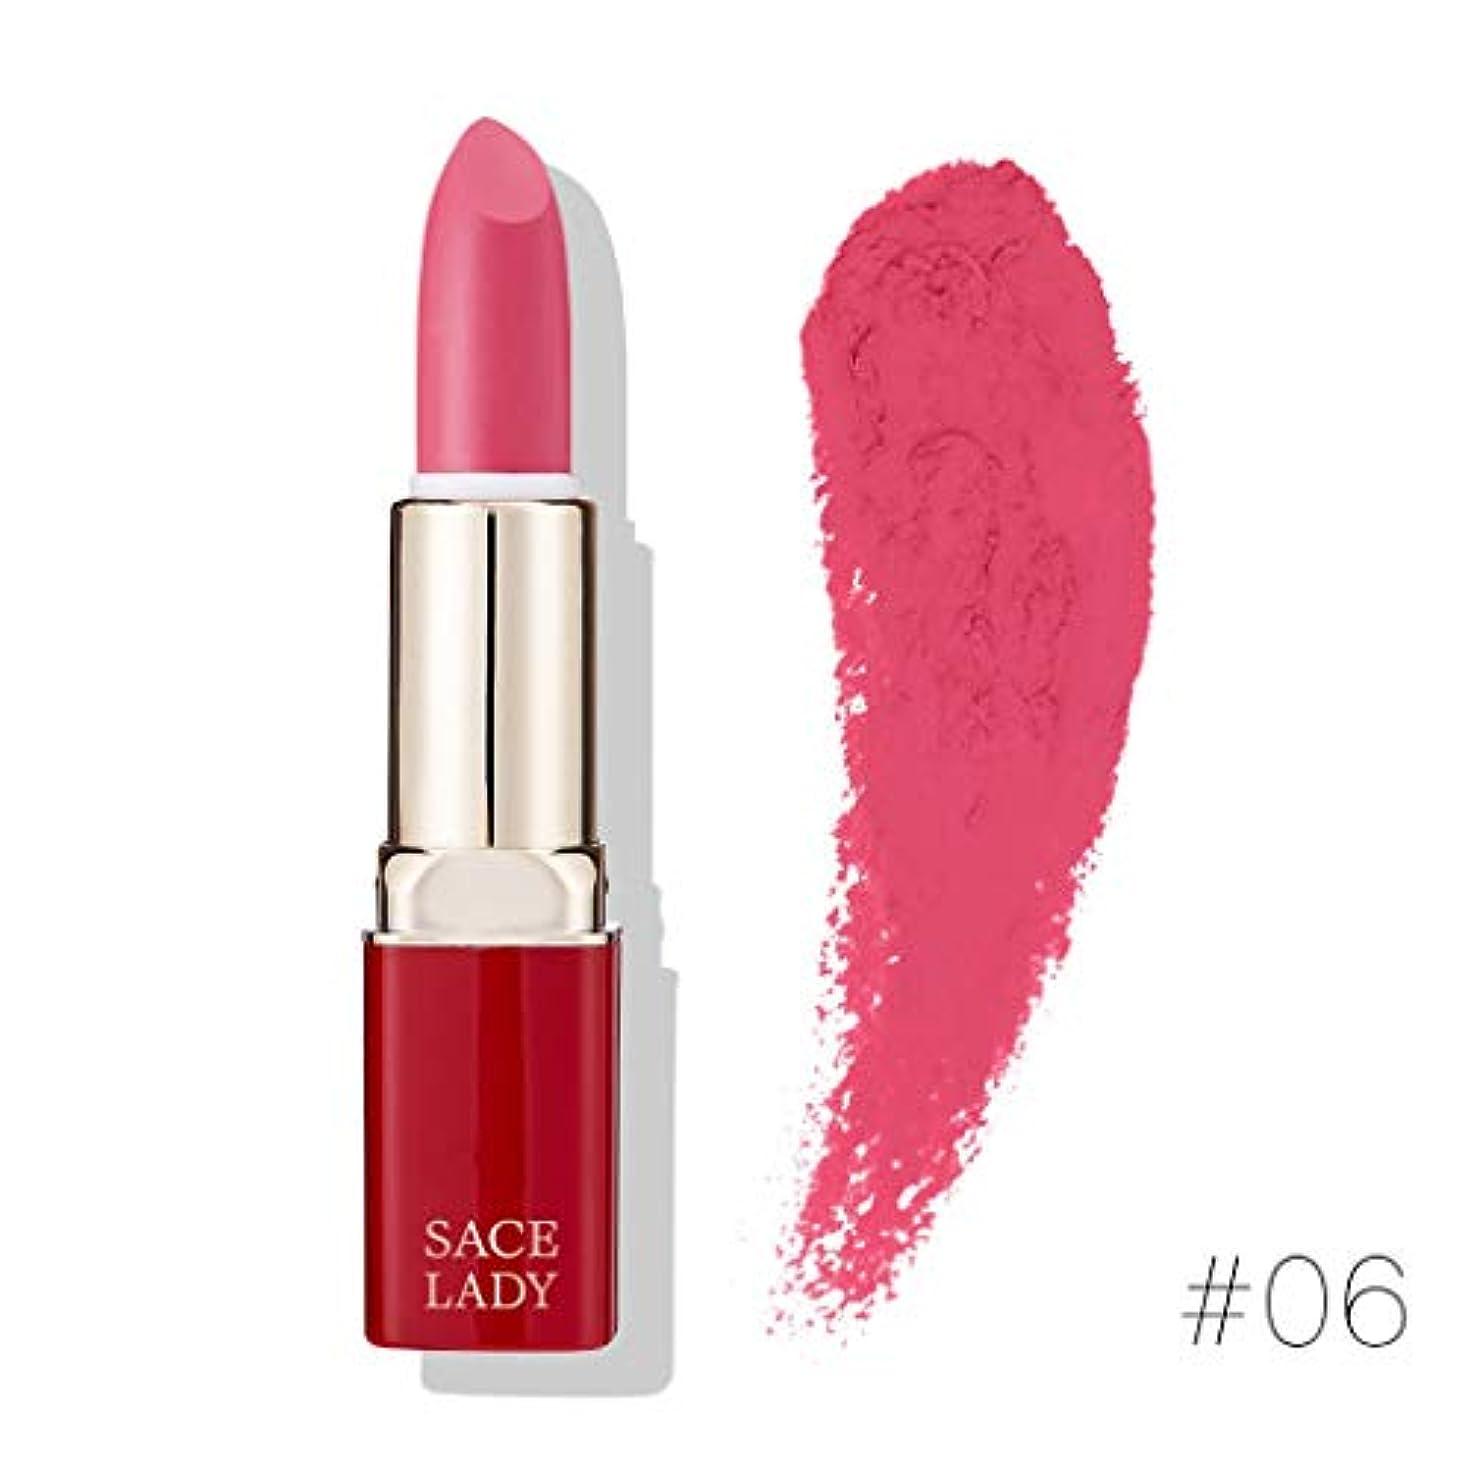 口紅 マット 12色 パンプキンカラー リップバーム つや消し リップスティック ビタミンE 保湿 リップクリーム 防水 唇に塗っっていつもよりセクシー魅力を与えるルージュhuajuan (F)